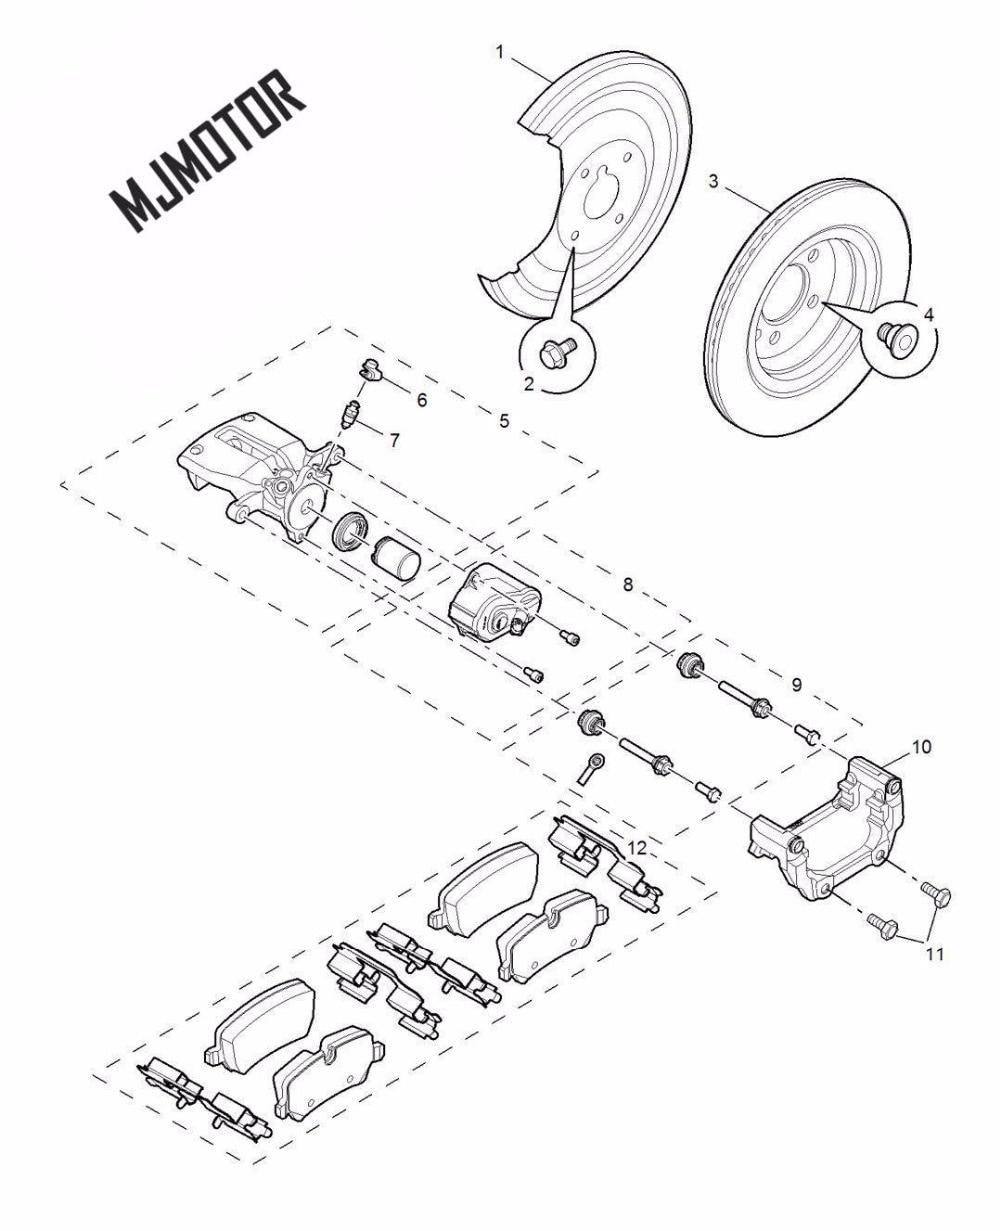 2013 nouveau jeu de plaquettes de frein arrière auto voiture PAD KIT-FR frein à disque pour SAIC MG6 ROEWE 550 pièce Automobile 10084008 - 2